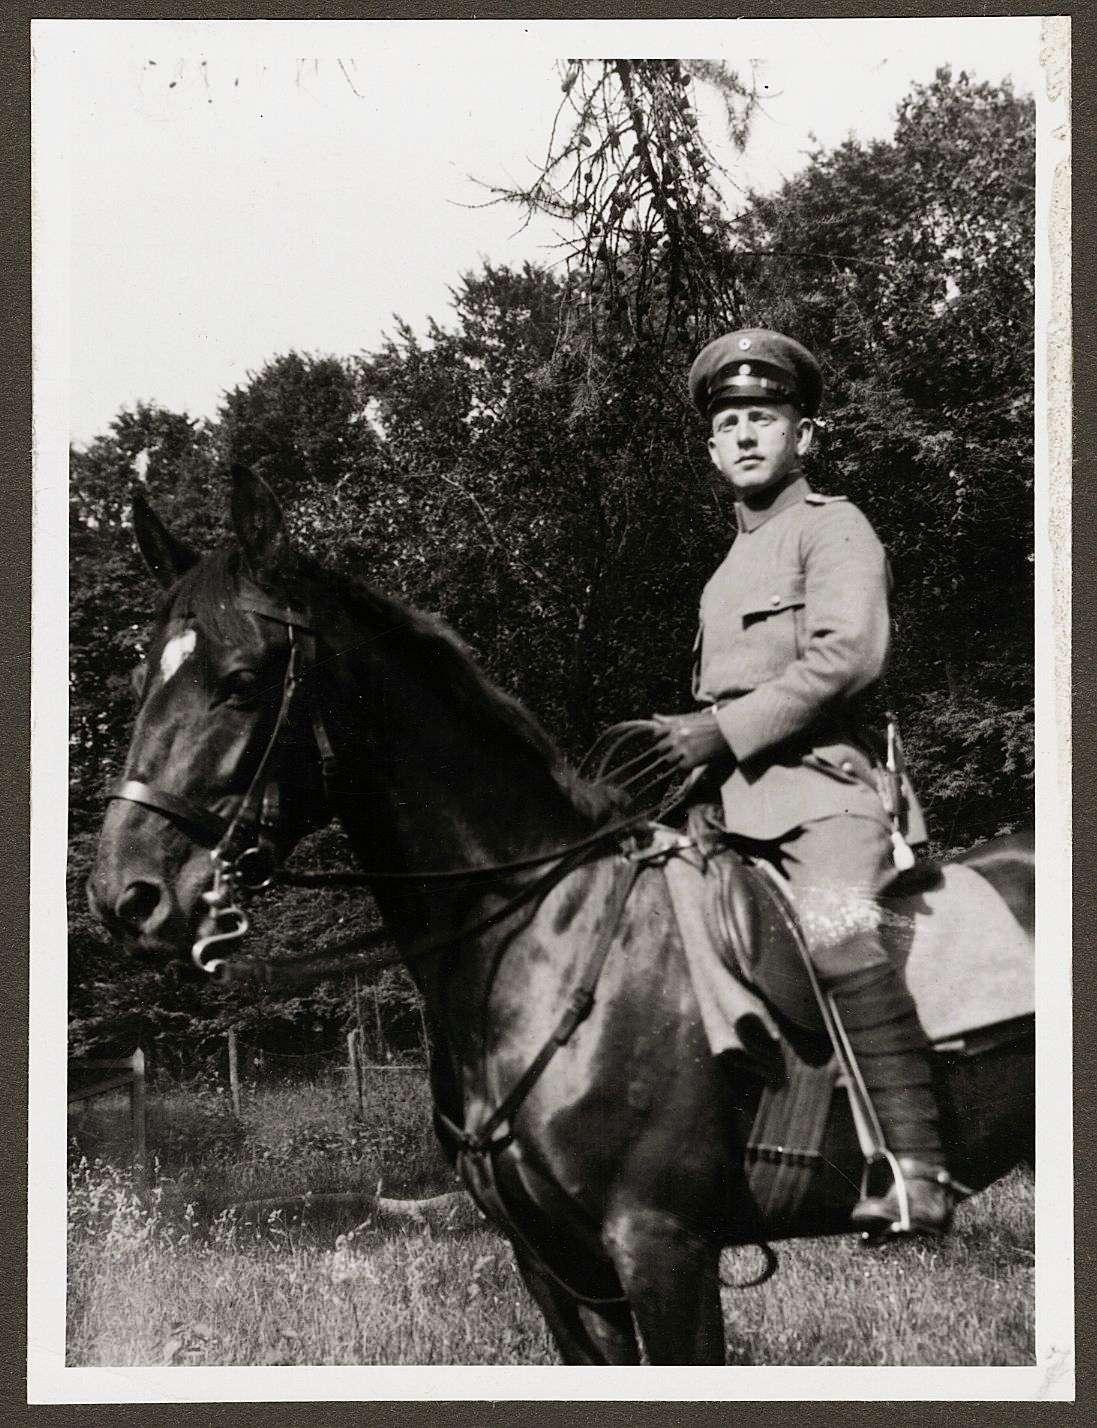 Forschner, Hugo, Bild 3